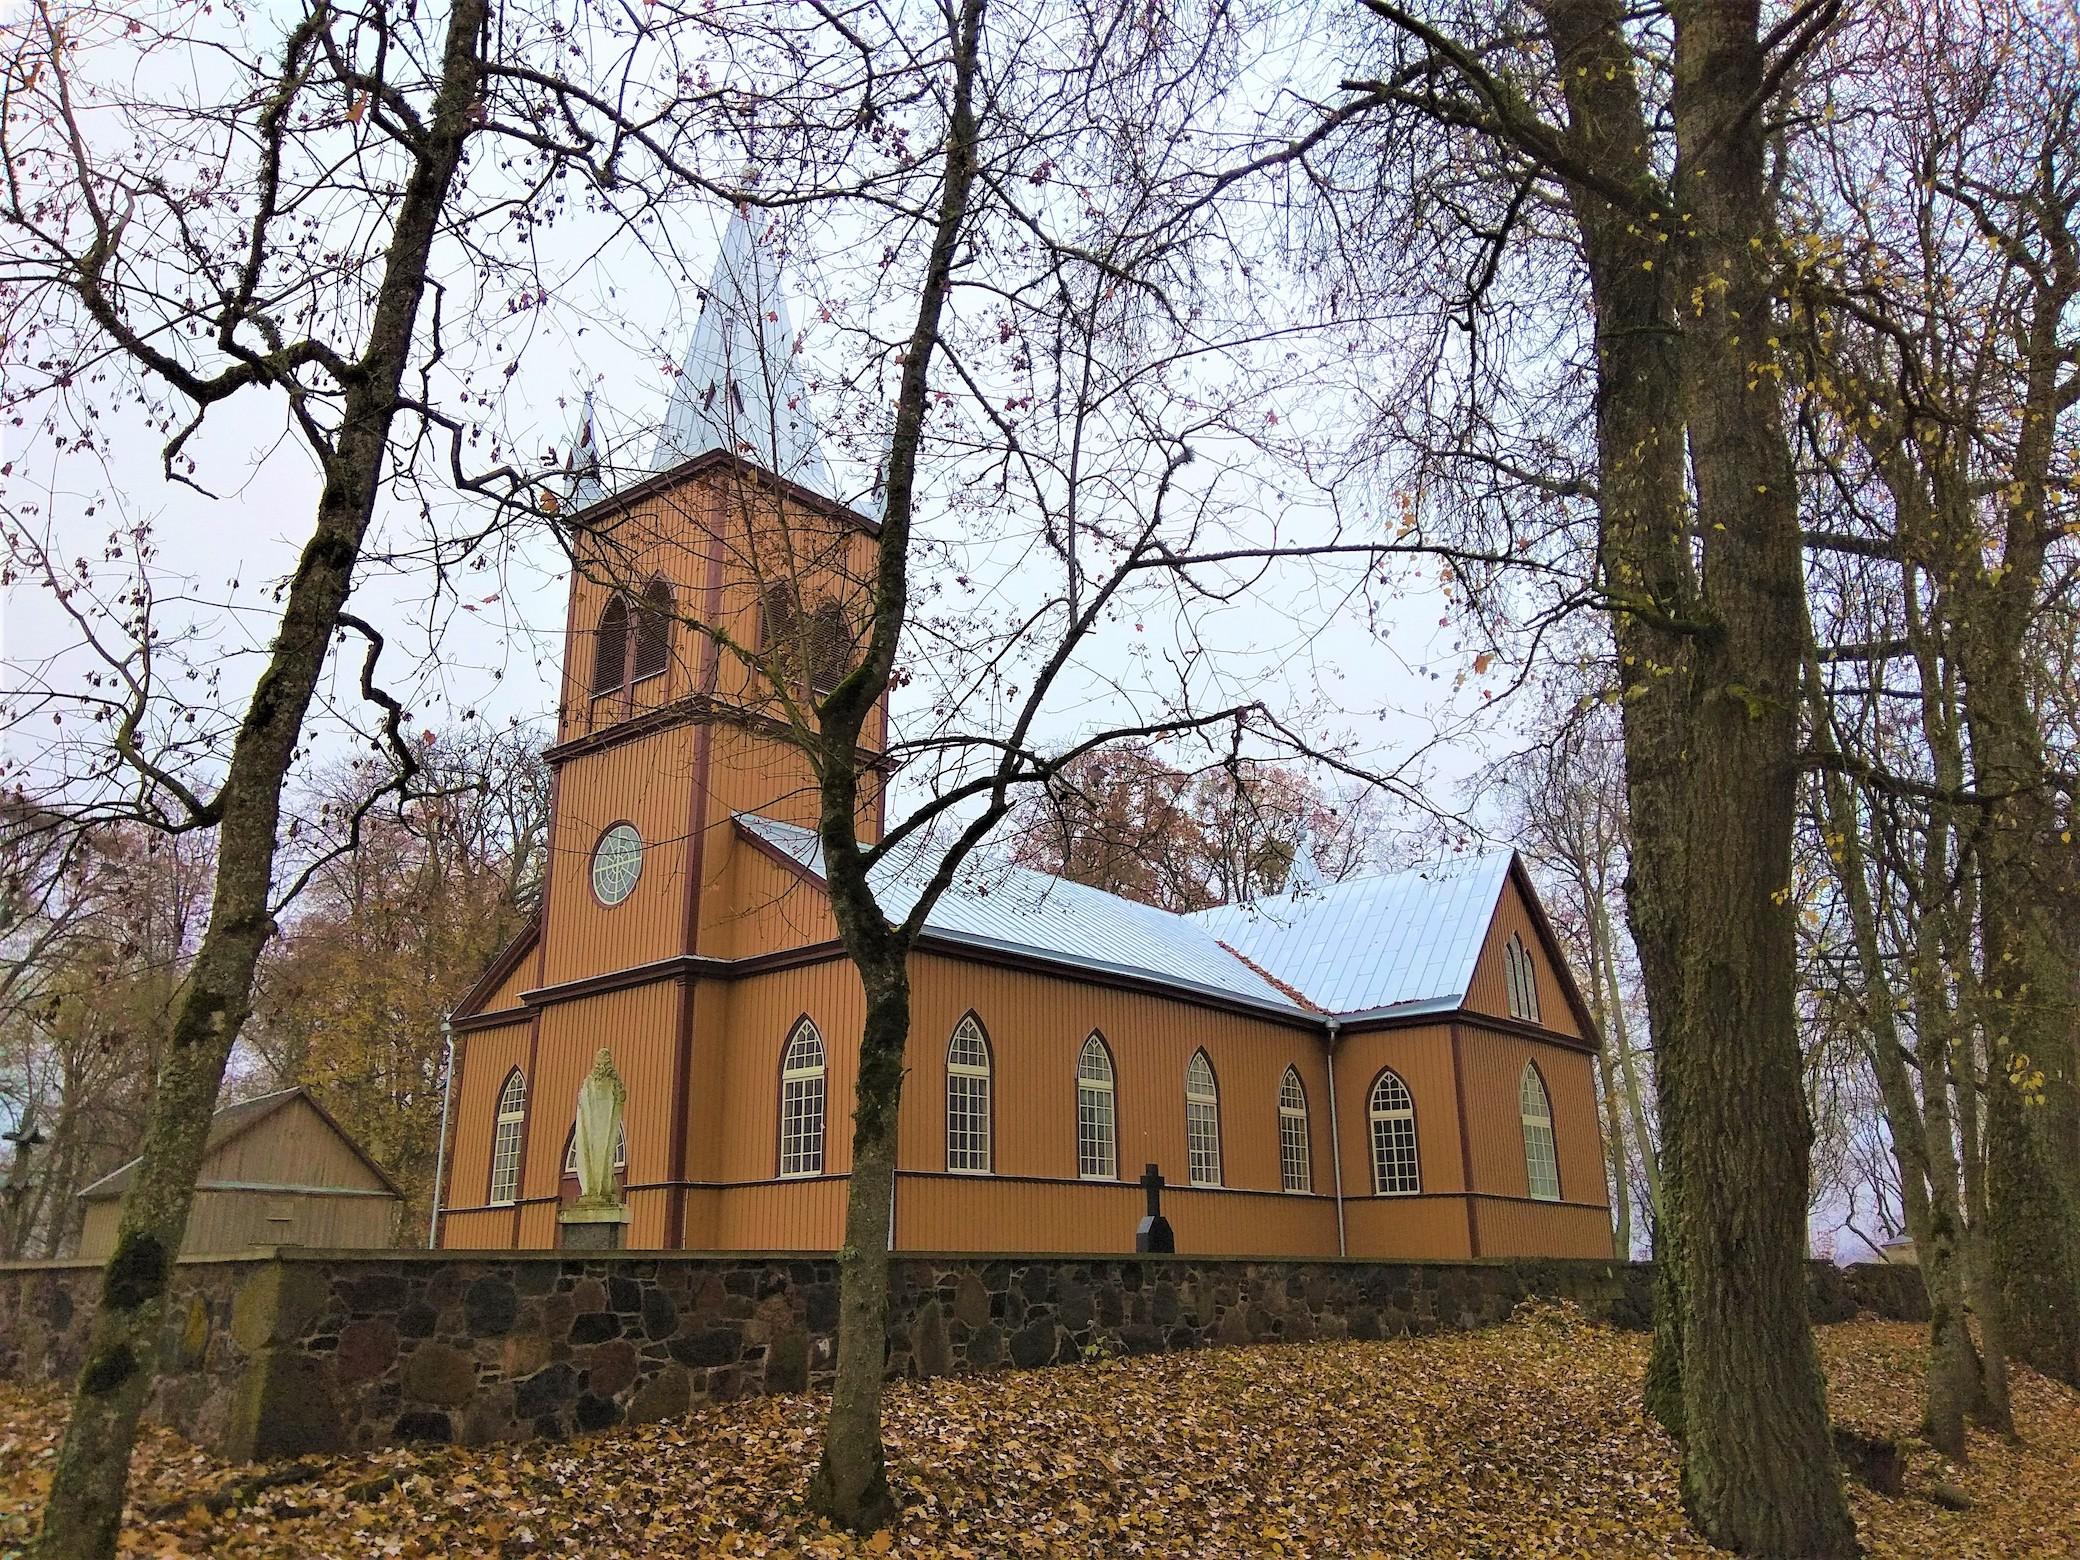 bažnyčia, medžiai